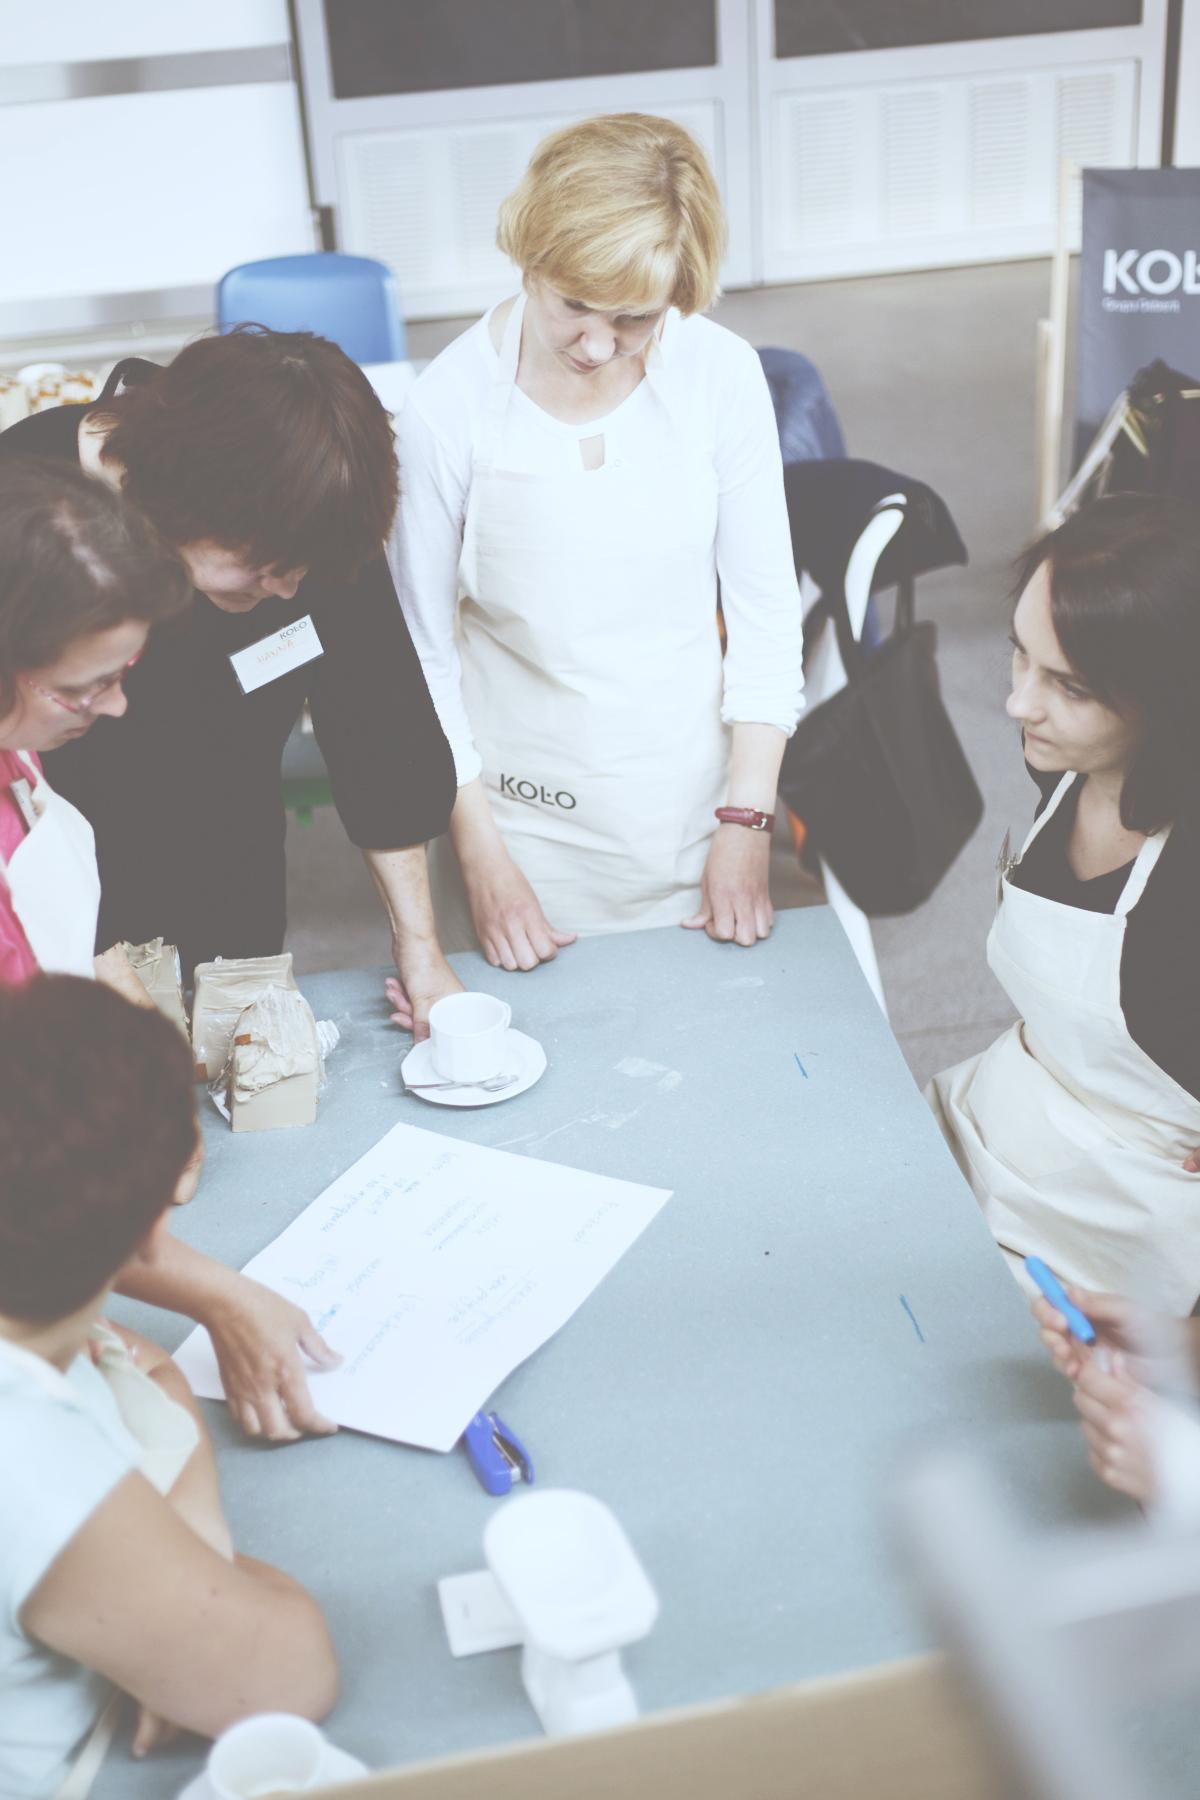 Zdjęcie jest robione lekko z góry, przedstawia osoby biorące udział w warsztatach zgromadzone wokół stołu, na którym leży zapisana kartka papieru, filiżanka po kawie. Uczestnicy maja na sobie fartuchy z logiem Koło.